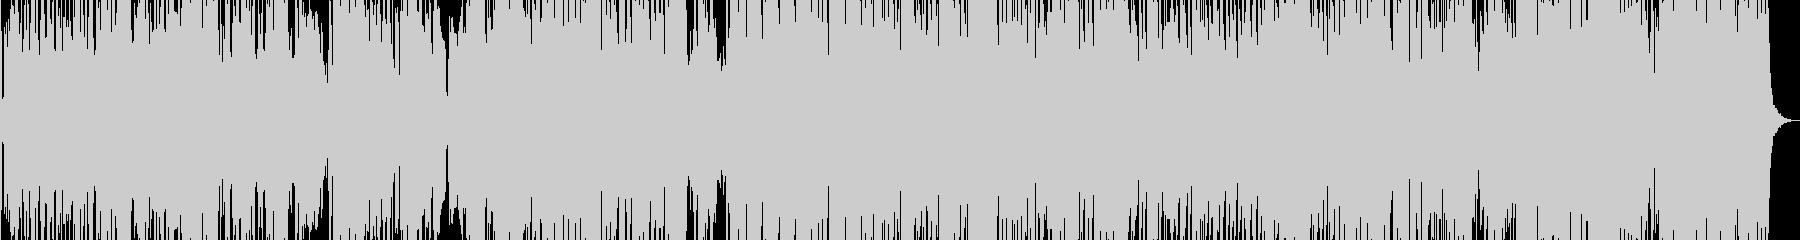 絶賛された80年代のニューウェーブ...の未再生の波形